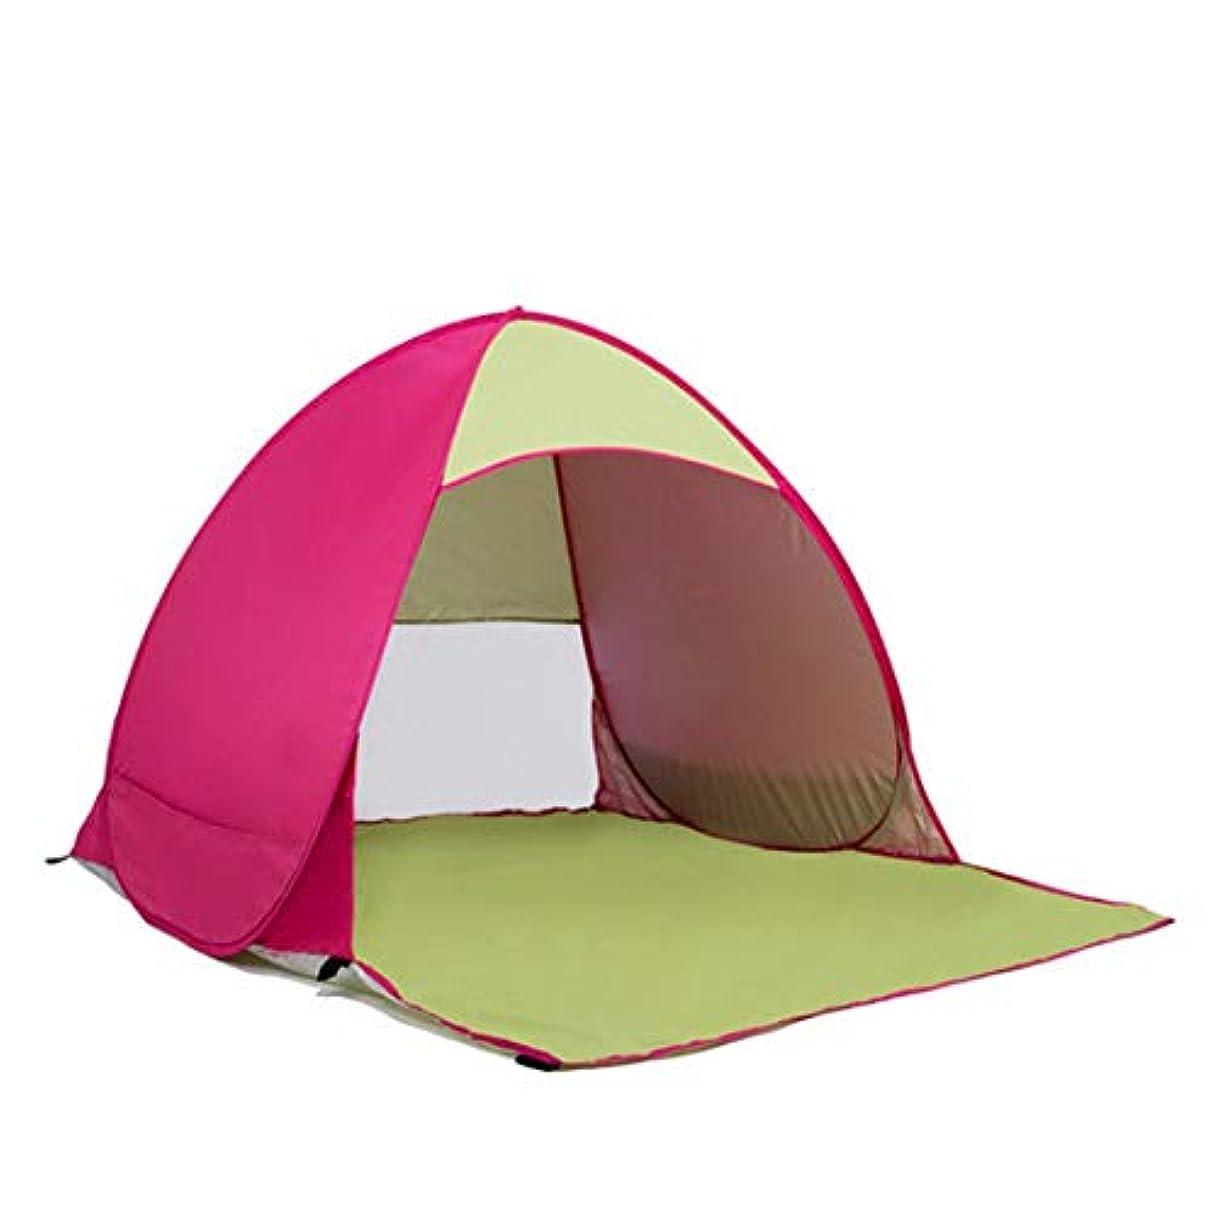 おとうさん短くする民間人民の東の道 抗紫外線屋外ダブル折りたたみテントキャンプ単層防水オックスフォード布スピードオープンビーチテント (色 : レッド)